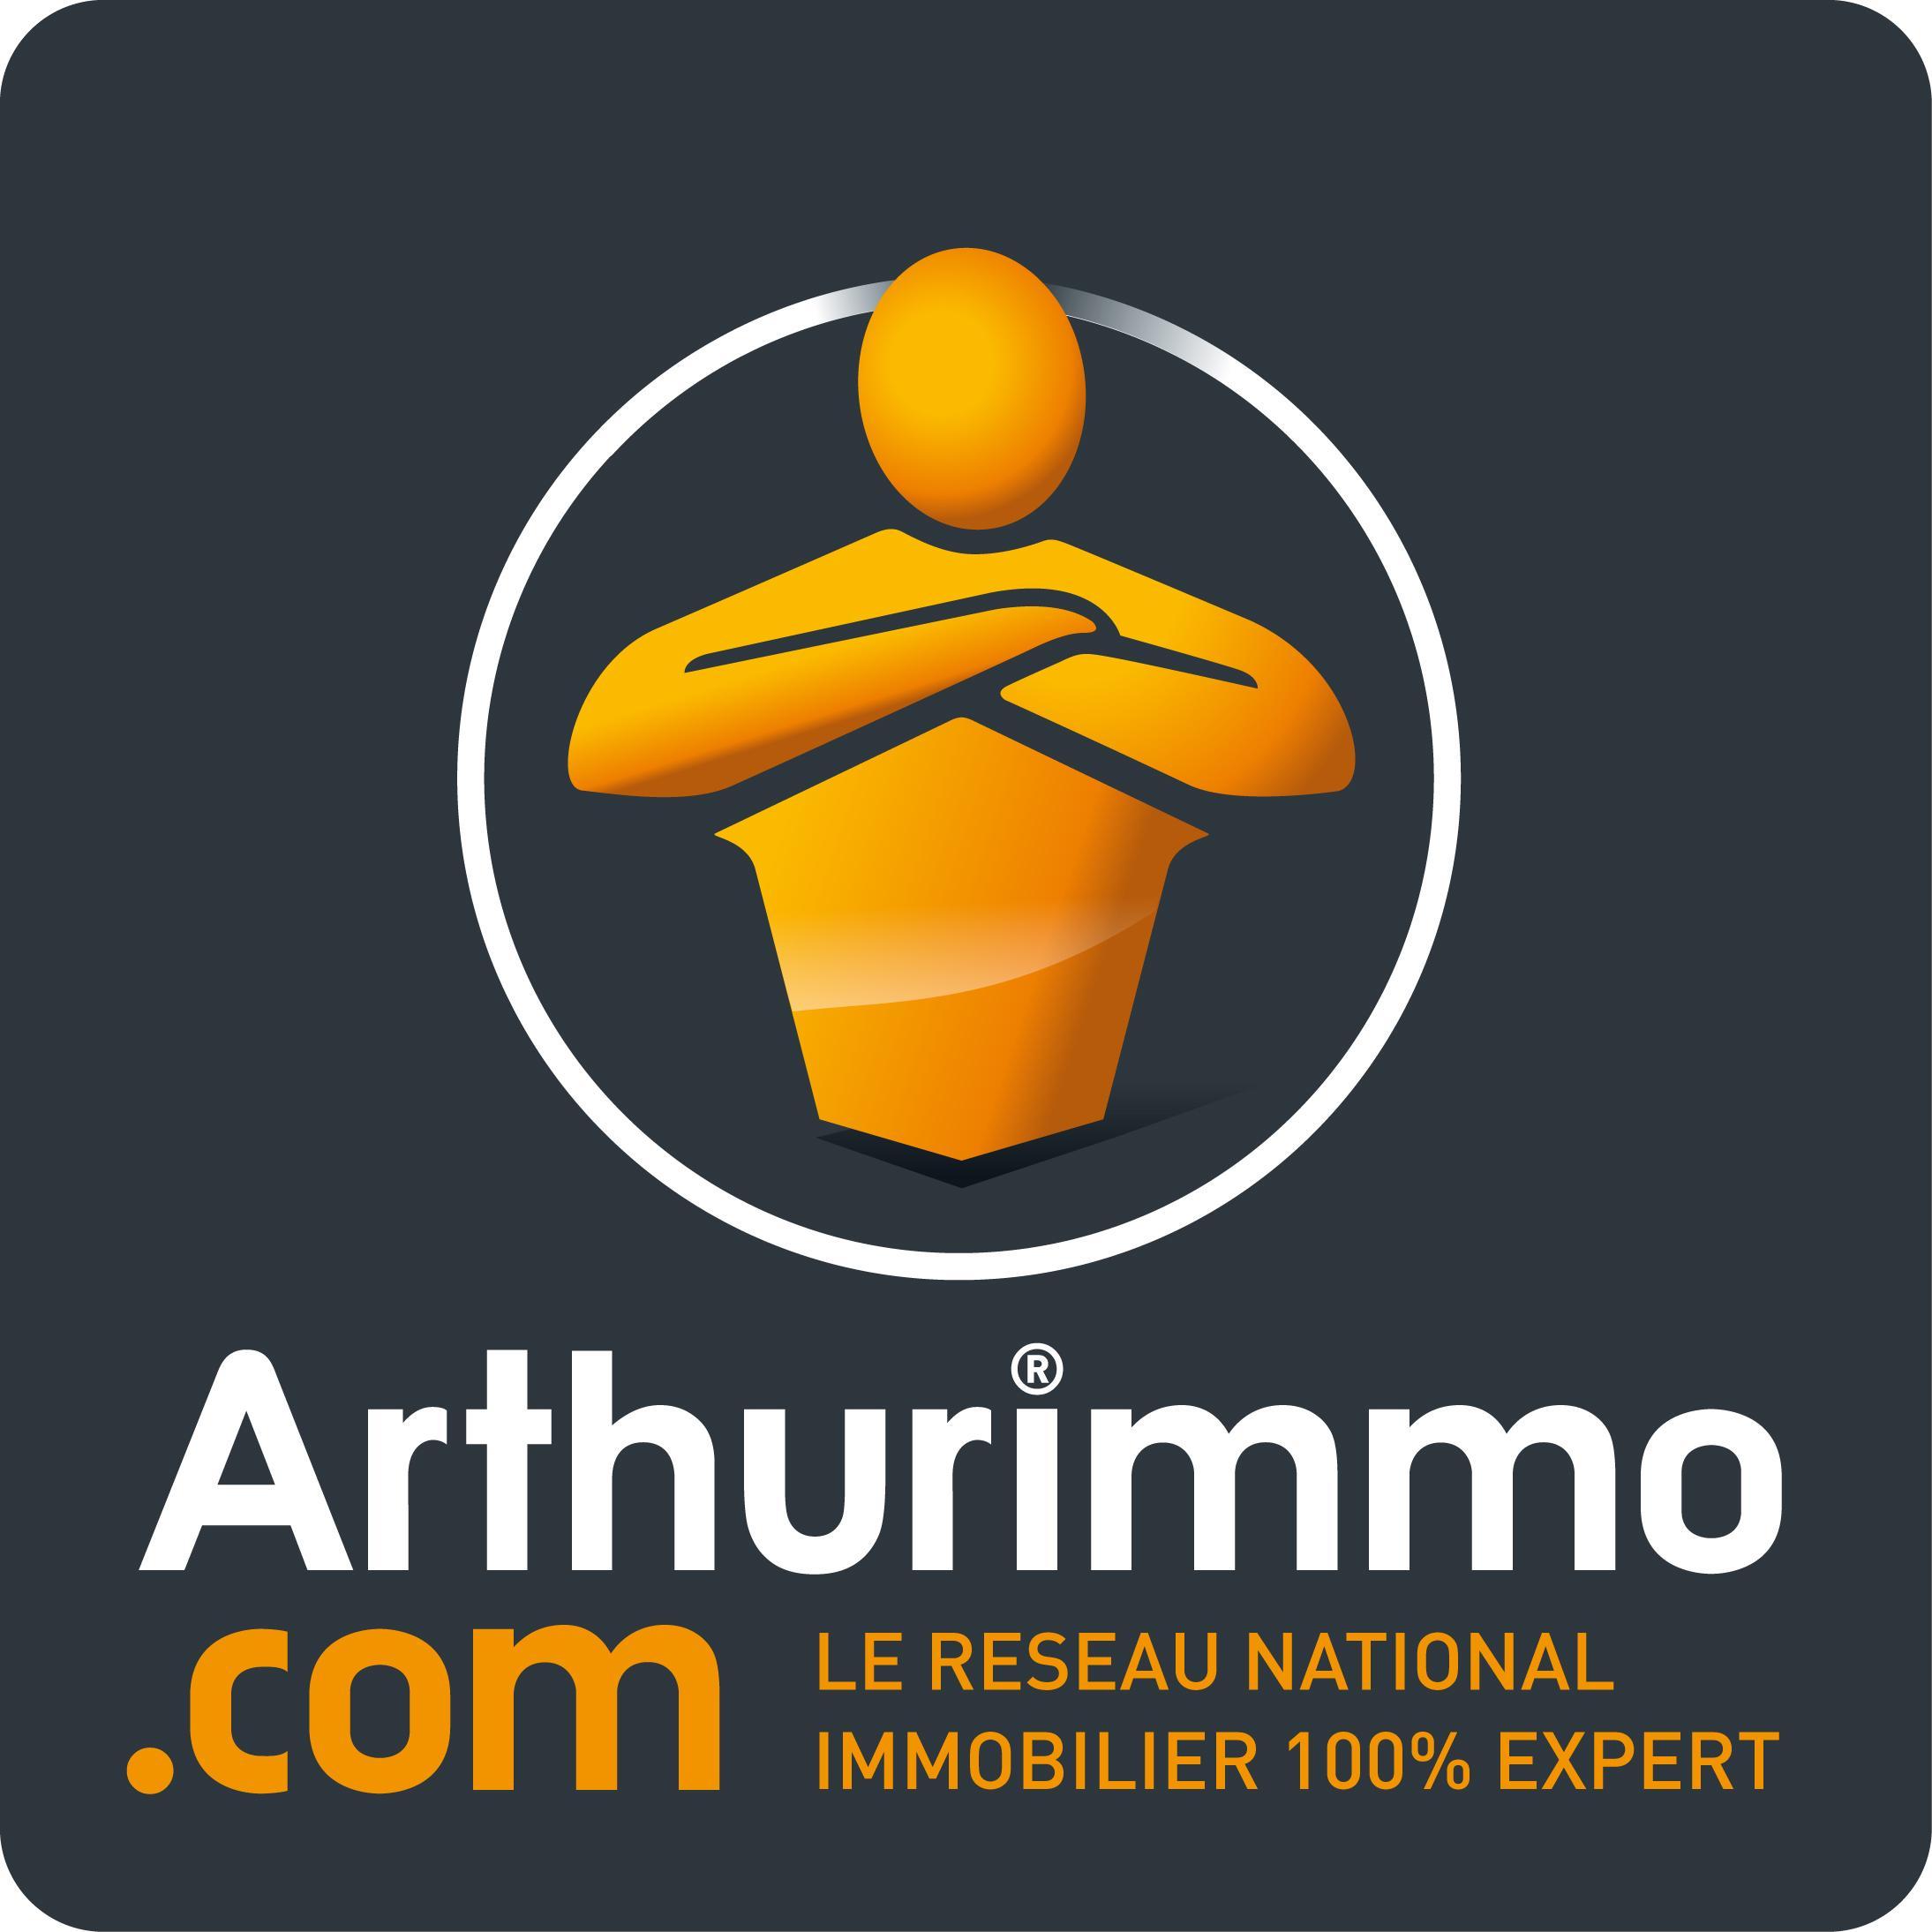 Arthurimmo.com Chevalier immobilier agence immobilière Dijon (21000)